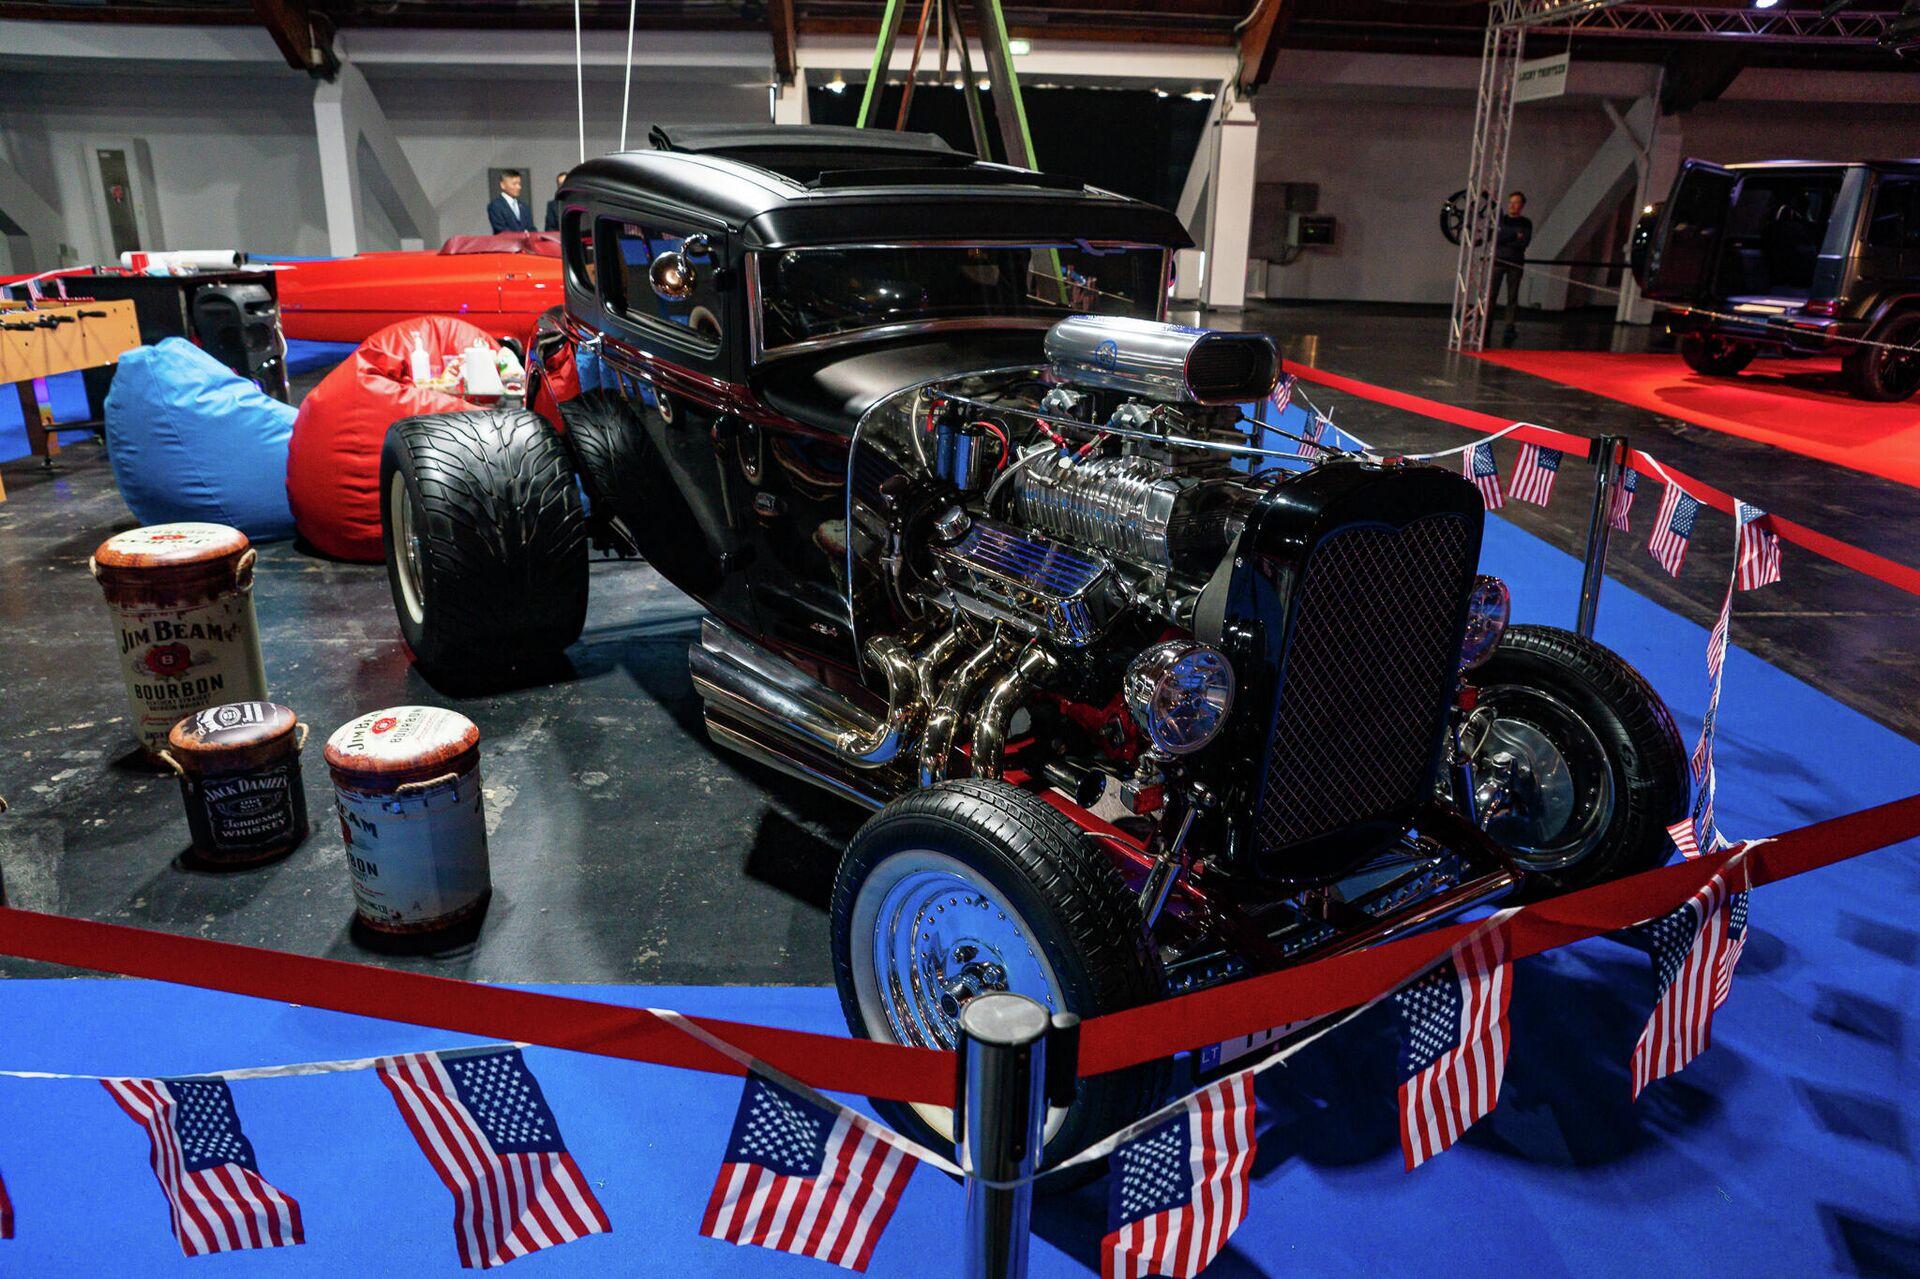 530-ти сильный монстр из Америки, с двигателем объемом 7,4 литра - Sputnik Латвия, 1920, 25.09.2021